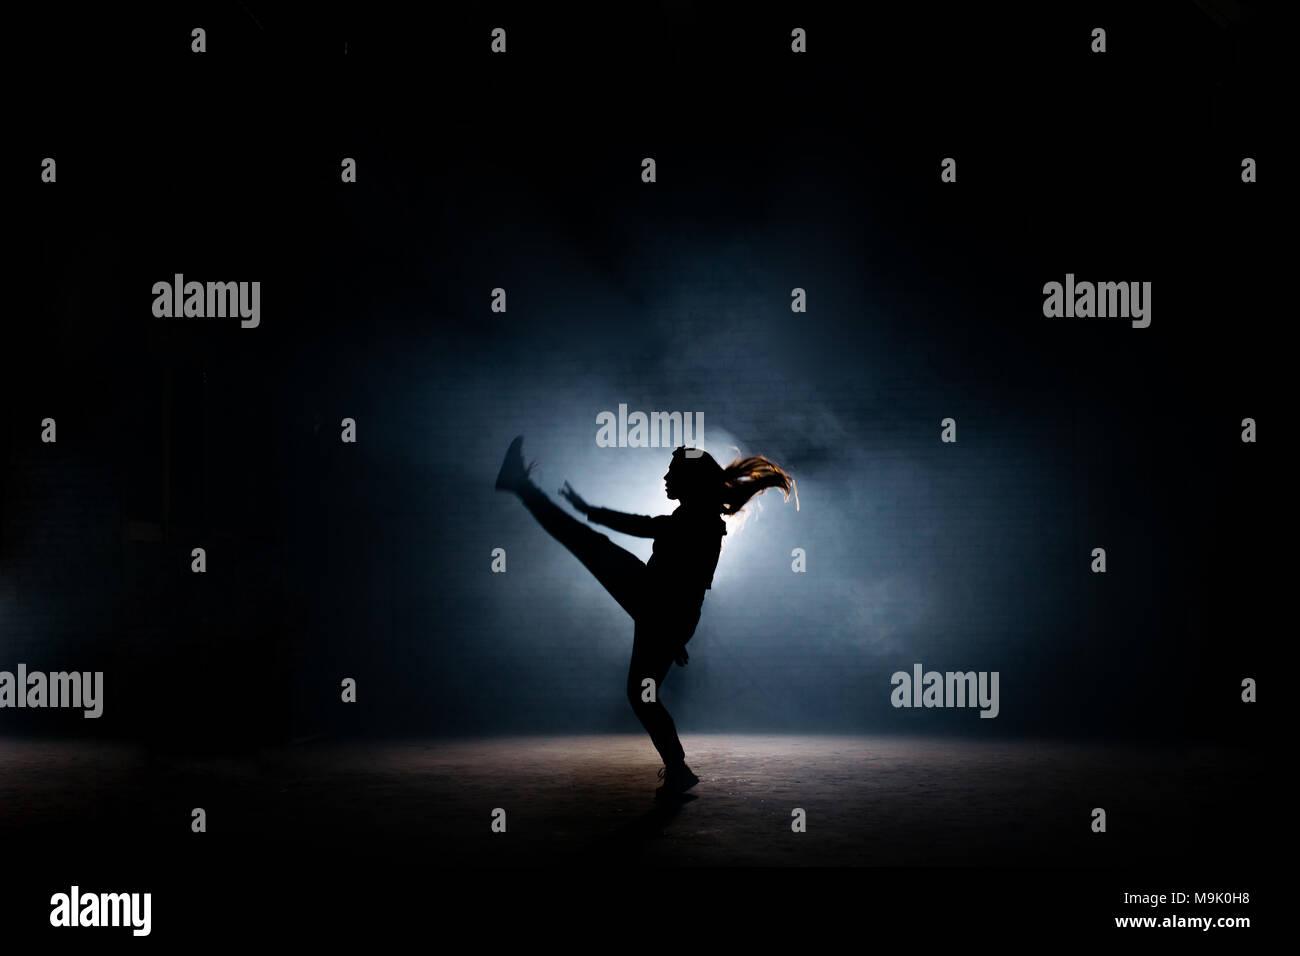 Jeune danseuse aux cheveux longs levant sa jambe sur scène sombre. souple fille. dancing se déplace.jambes étendues Banque D'Images